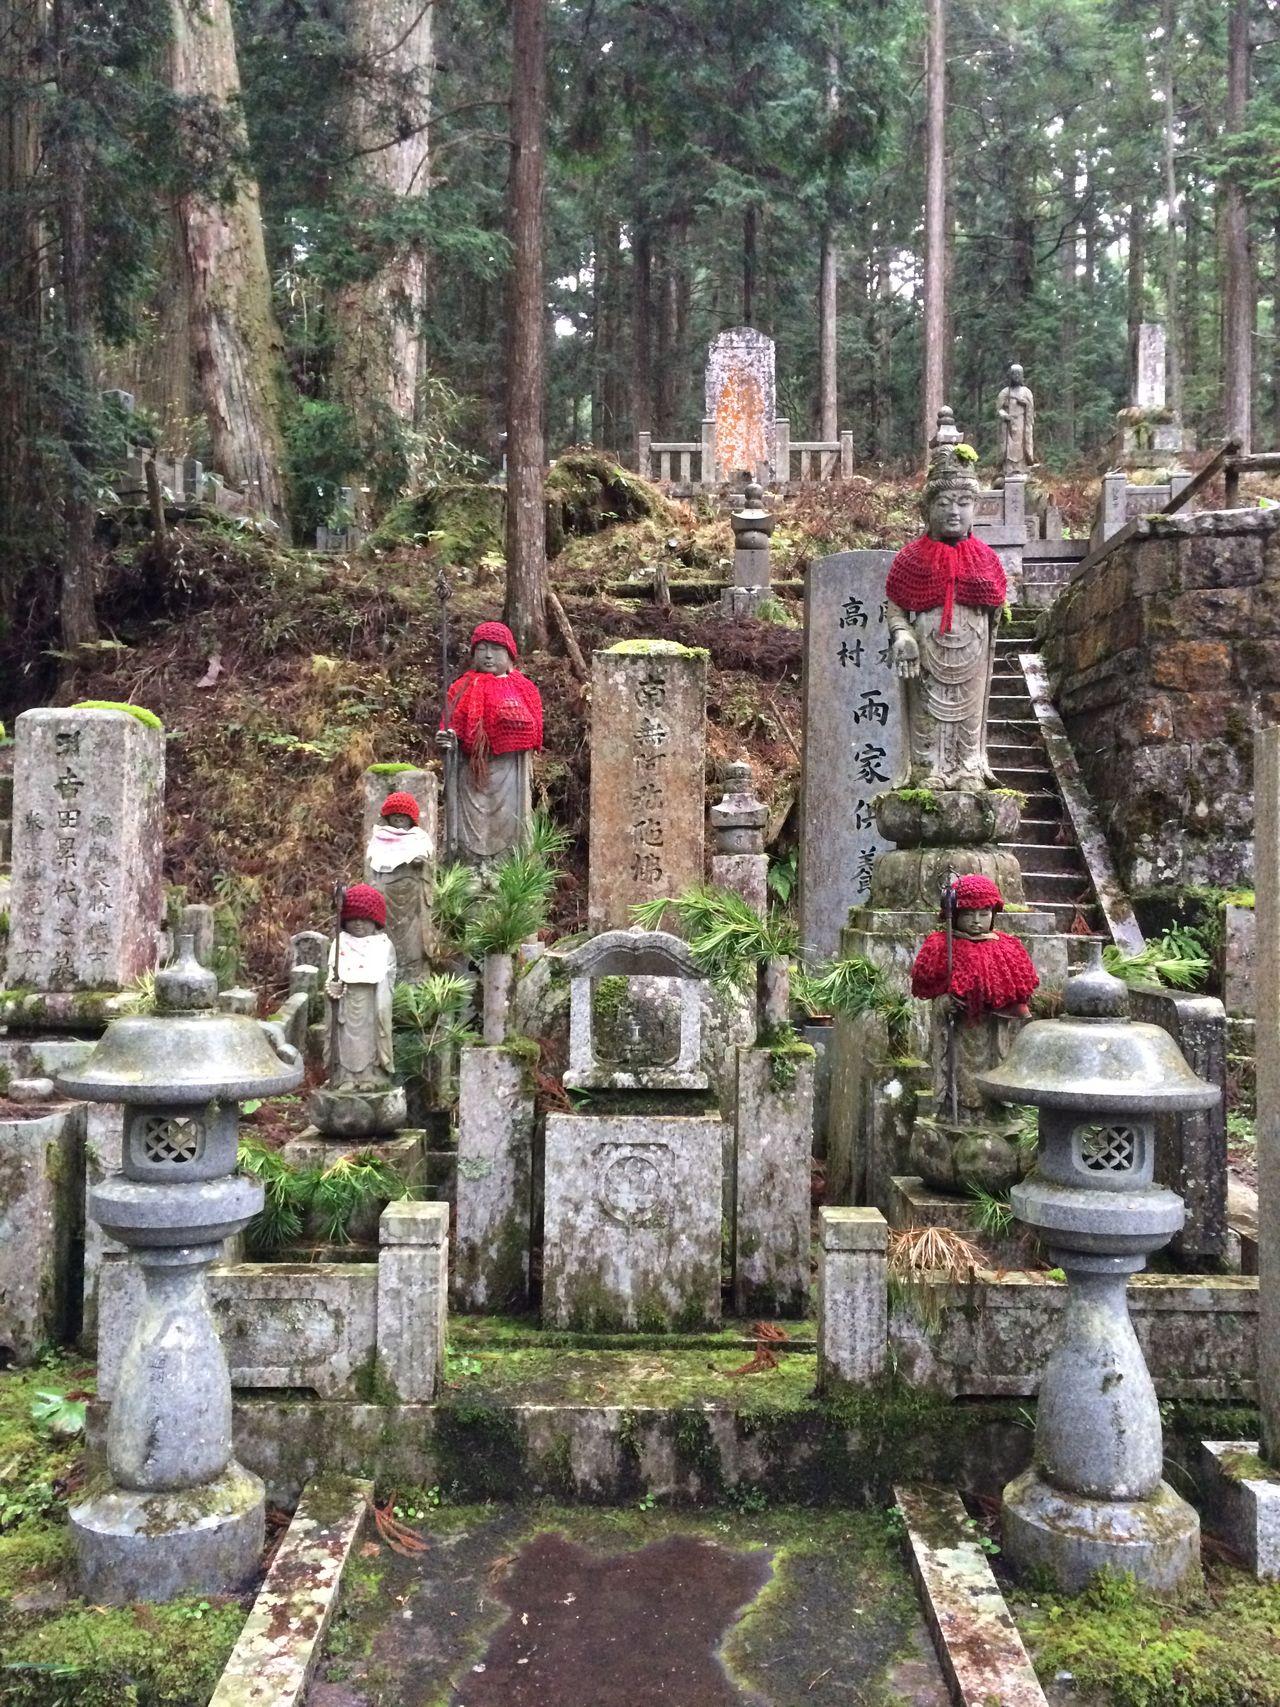 Beauty In Nature Bosatsu Buddhism Buddhist Buddhist Temple Japan Jizo Jizobosatusu Koyasan Mount Koya Nature No People Outdoors Red Red Bib Shinto Shinto Shrine Shinto Temple Shintoism Shrine Shrine Of Japan Shrines & Temples Shrines And Temples Stone Material Tree